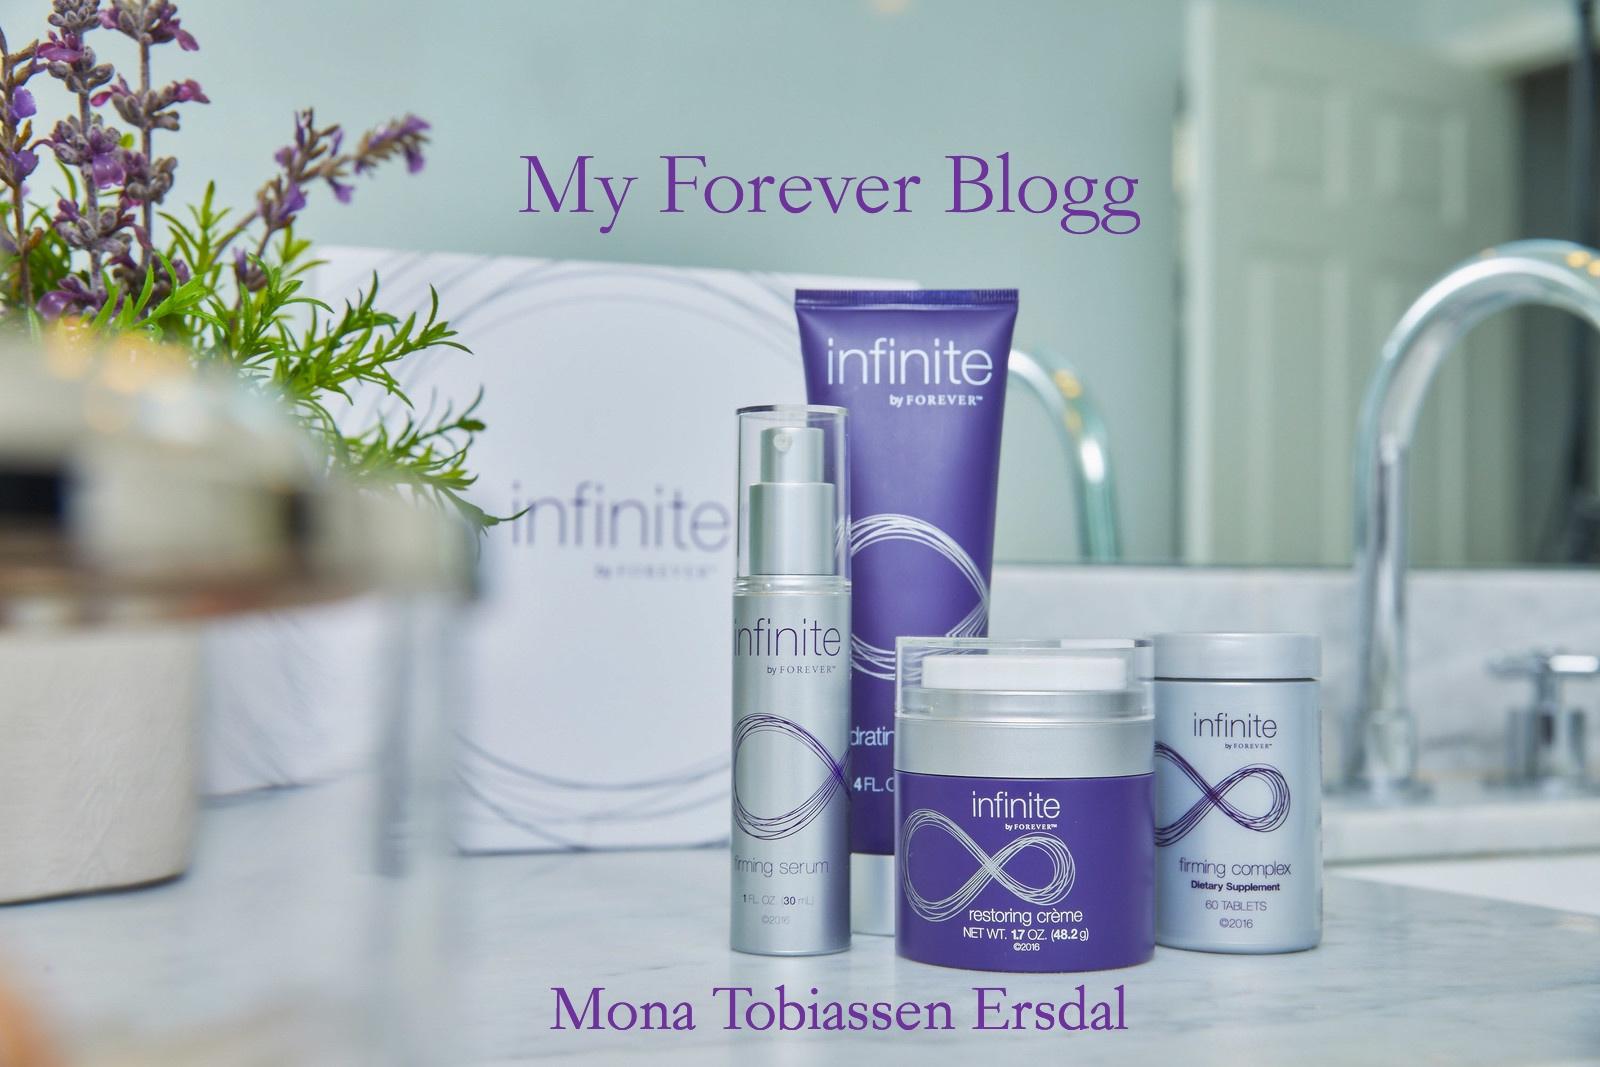 Forever Living Blogg